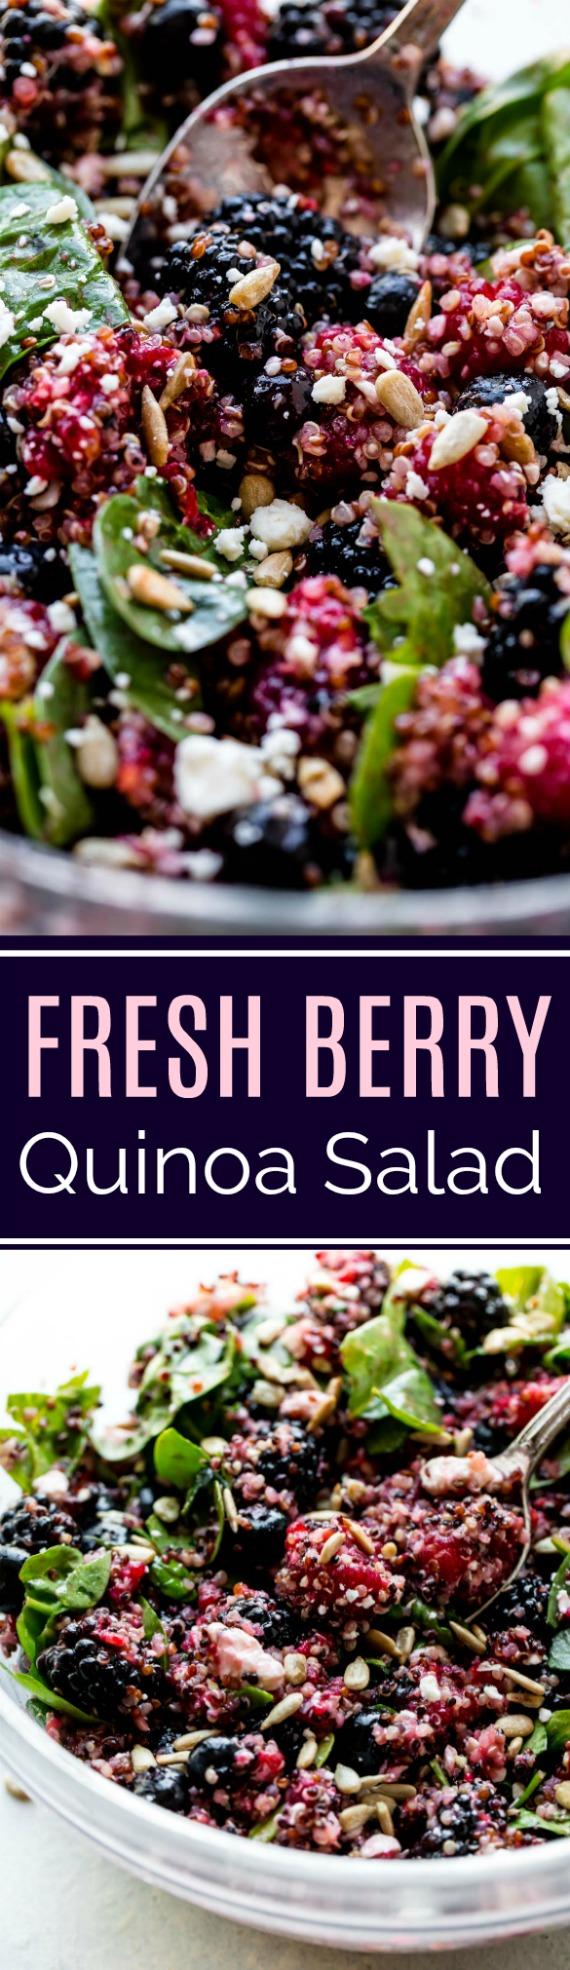 Des baies fraîches, du gorgonzola, des épinards, du basilic et une simple vinaigrette au miel et au citron font que cette salade de quinoa saine est à l'honneur! Recette sur sallysbakingaddiction.com